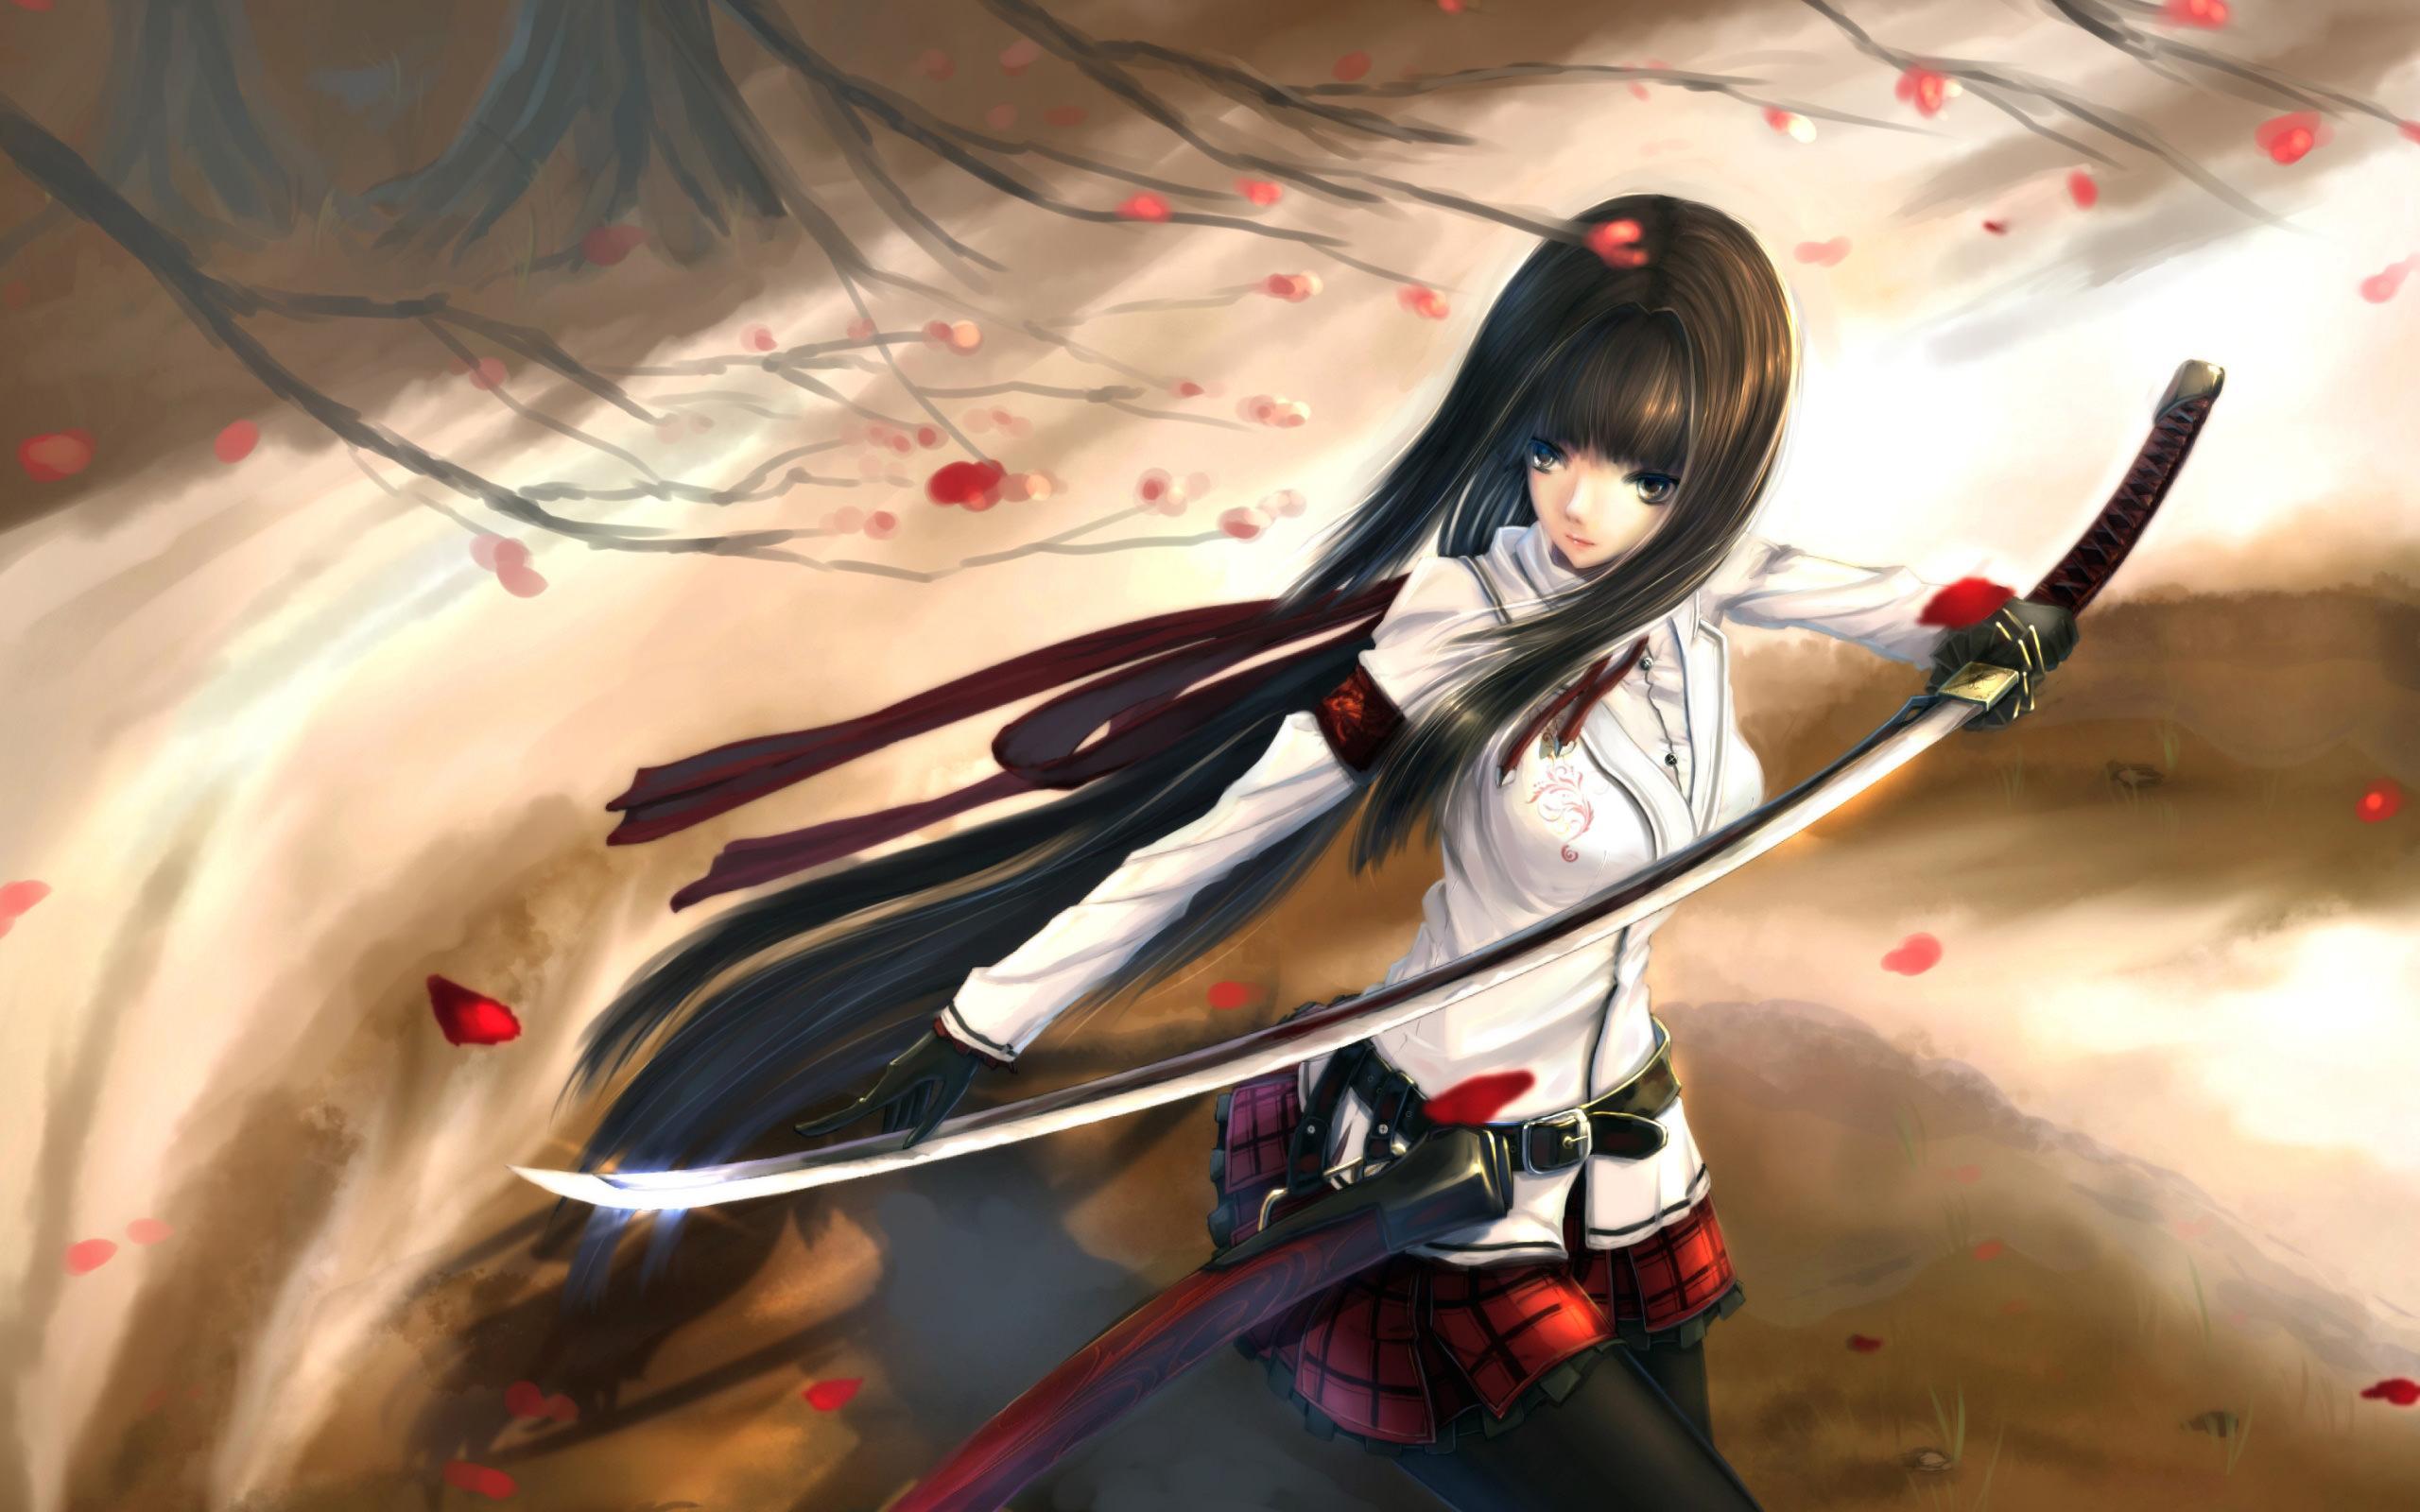 Katana Sword Wallpapers - Top Free Katana Sword ...